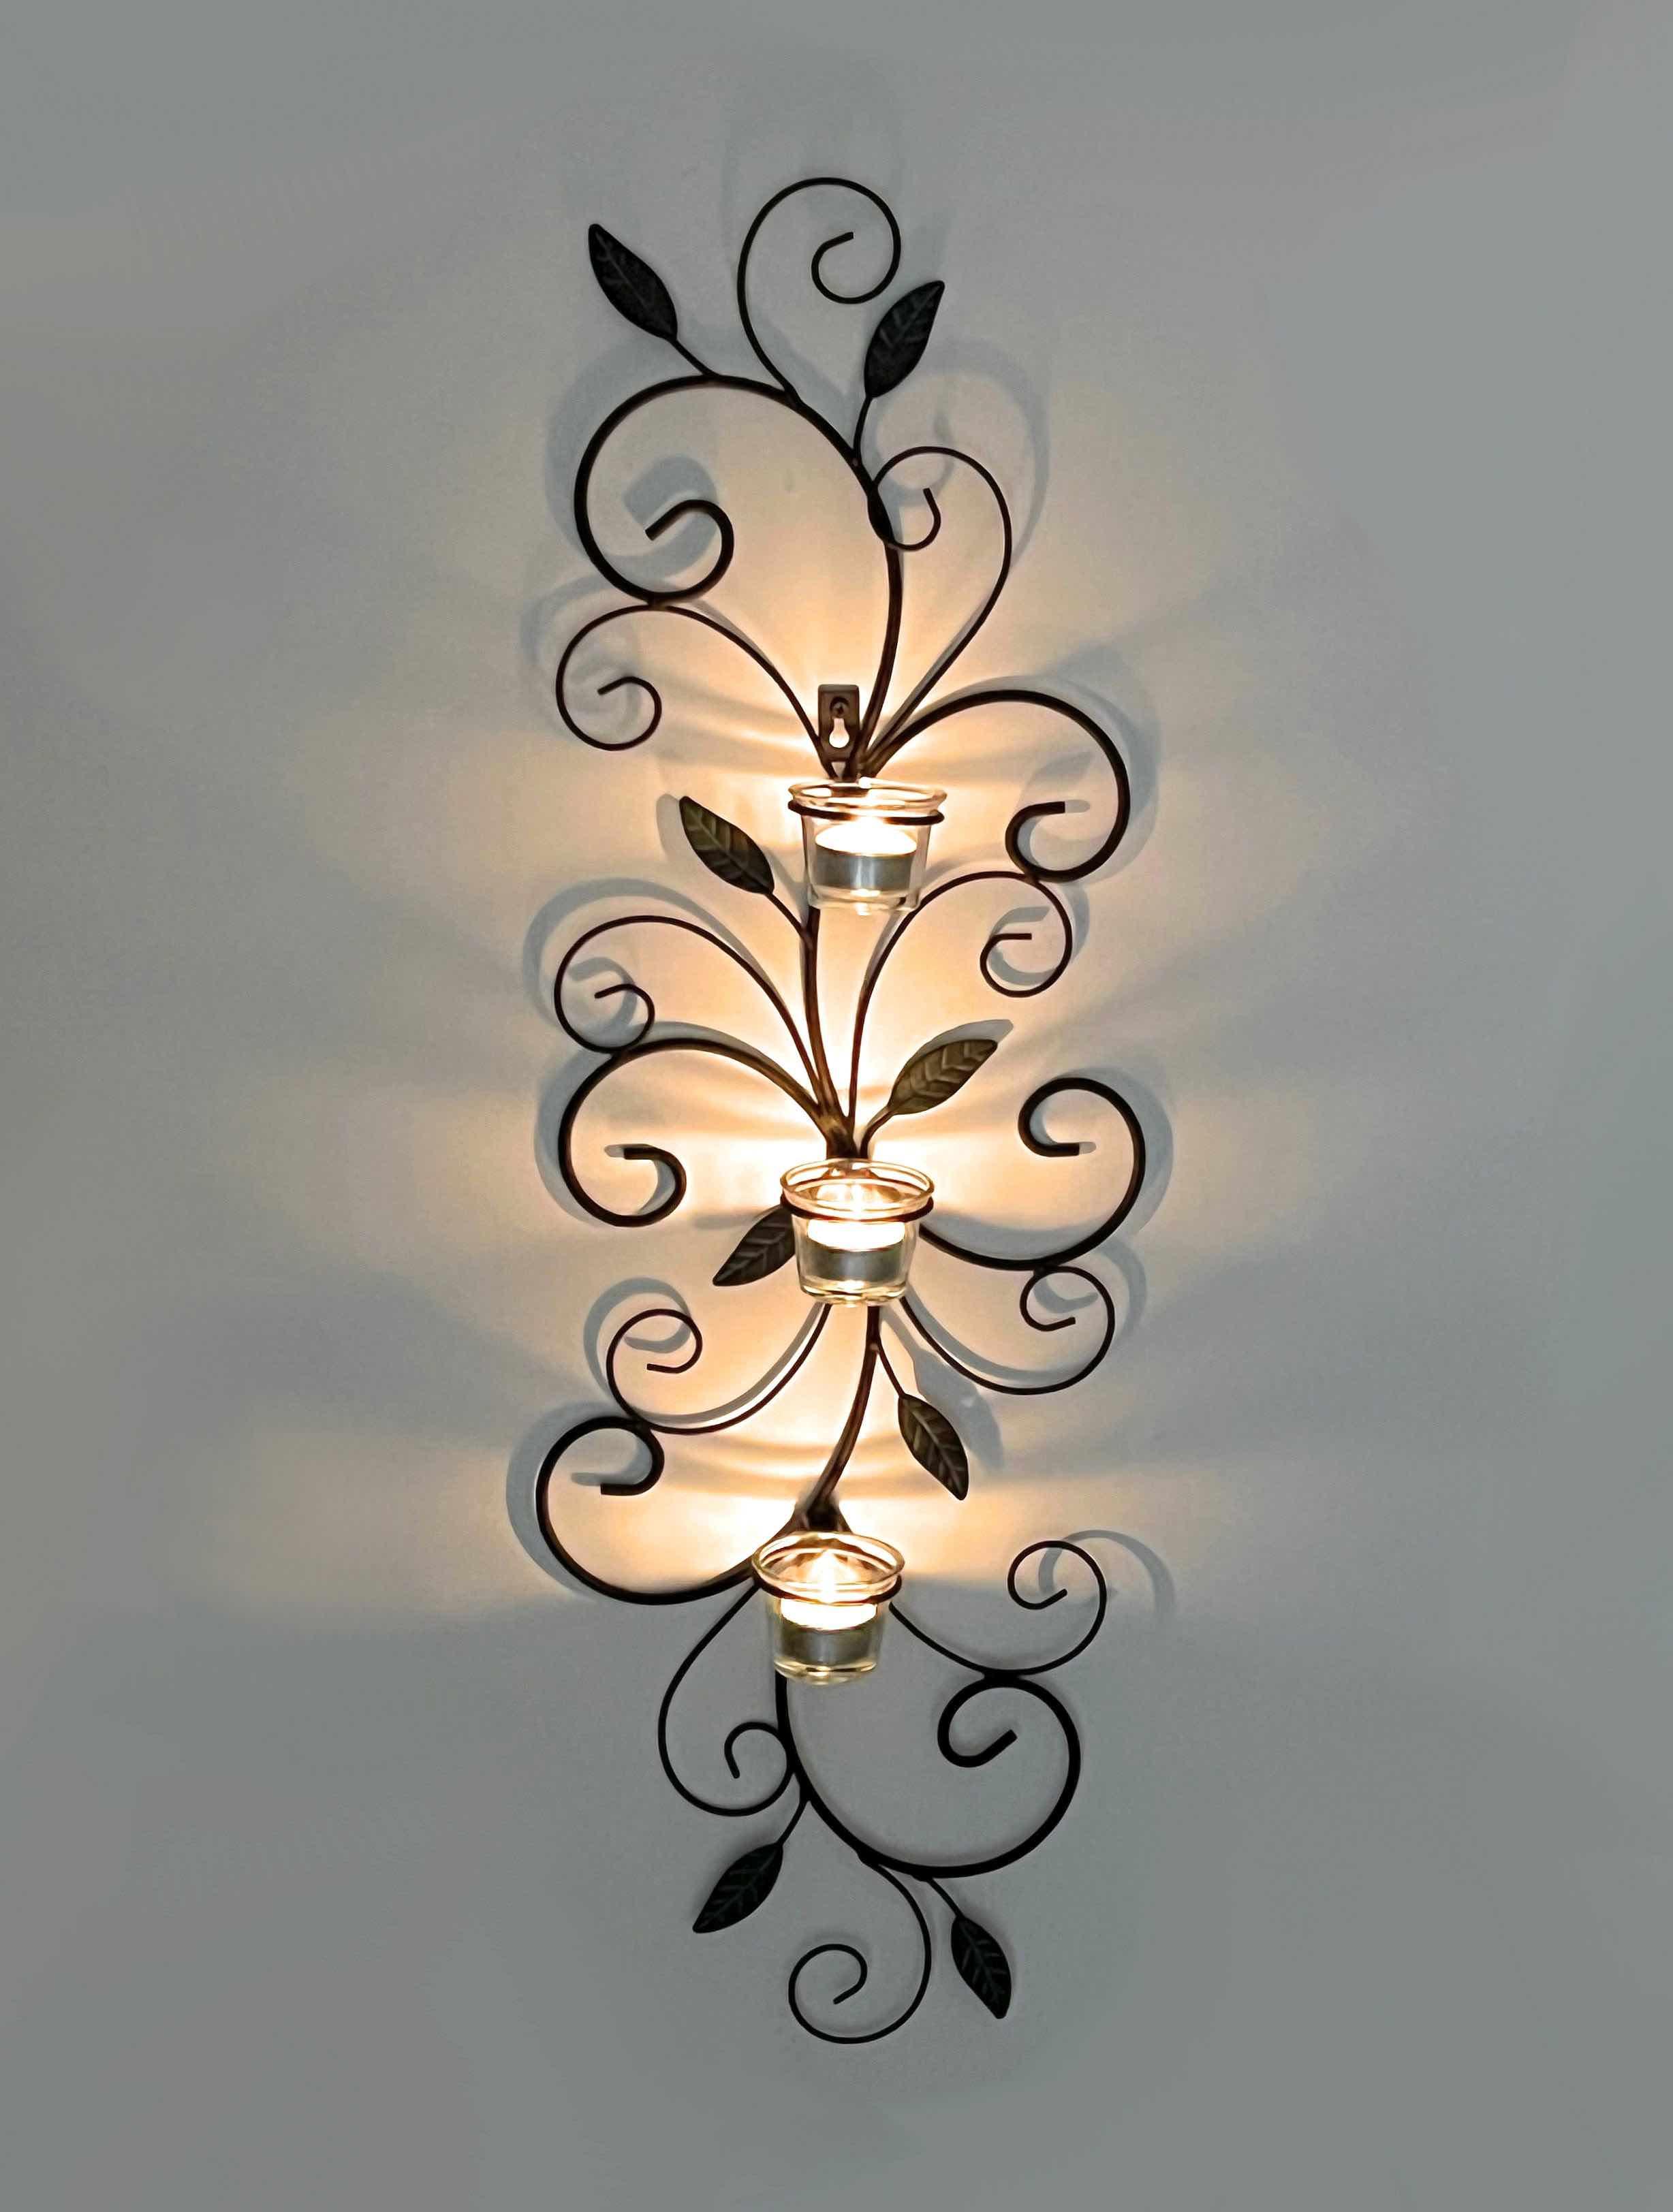 Wandteelichthalter 131001 Teelichthalter aus Metall 75cm ...